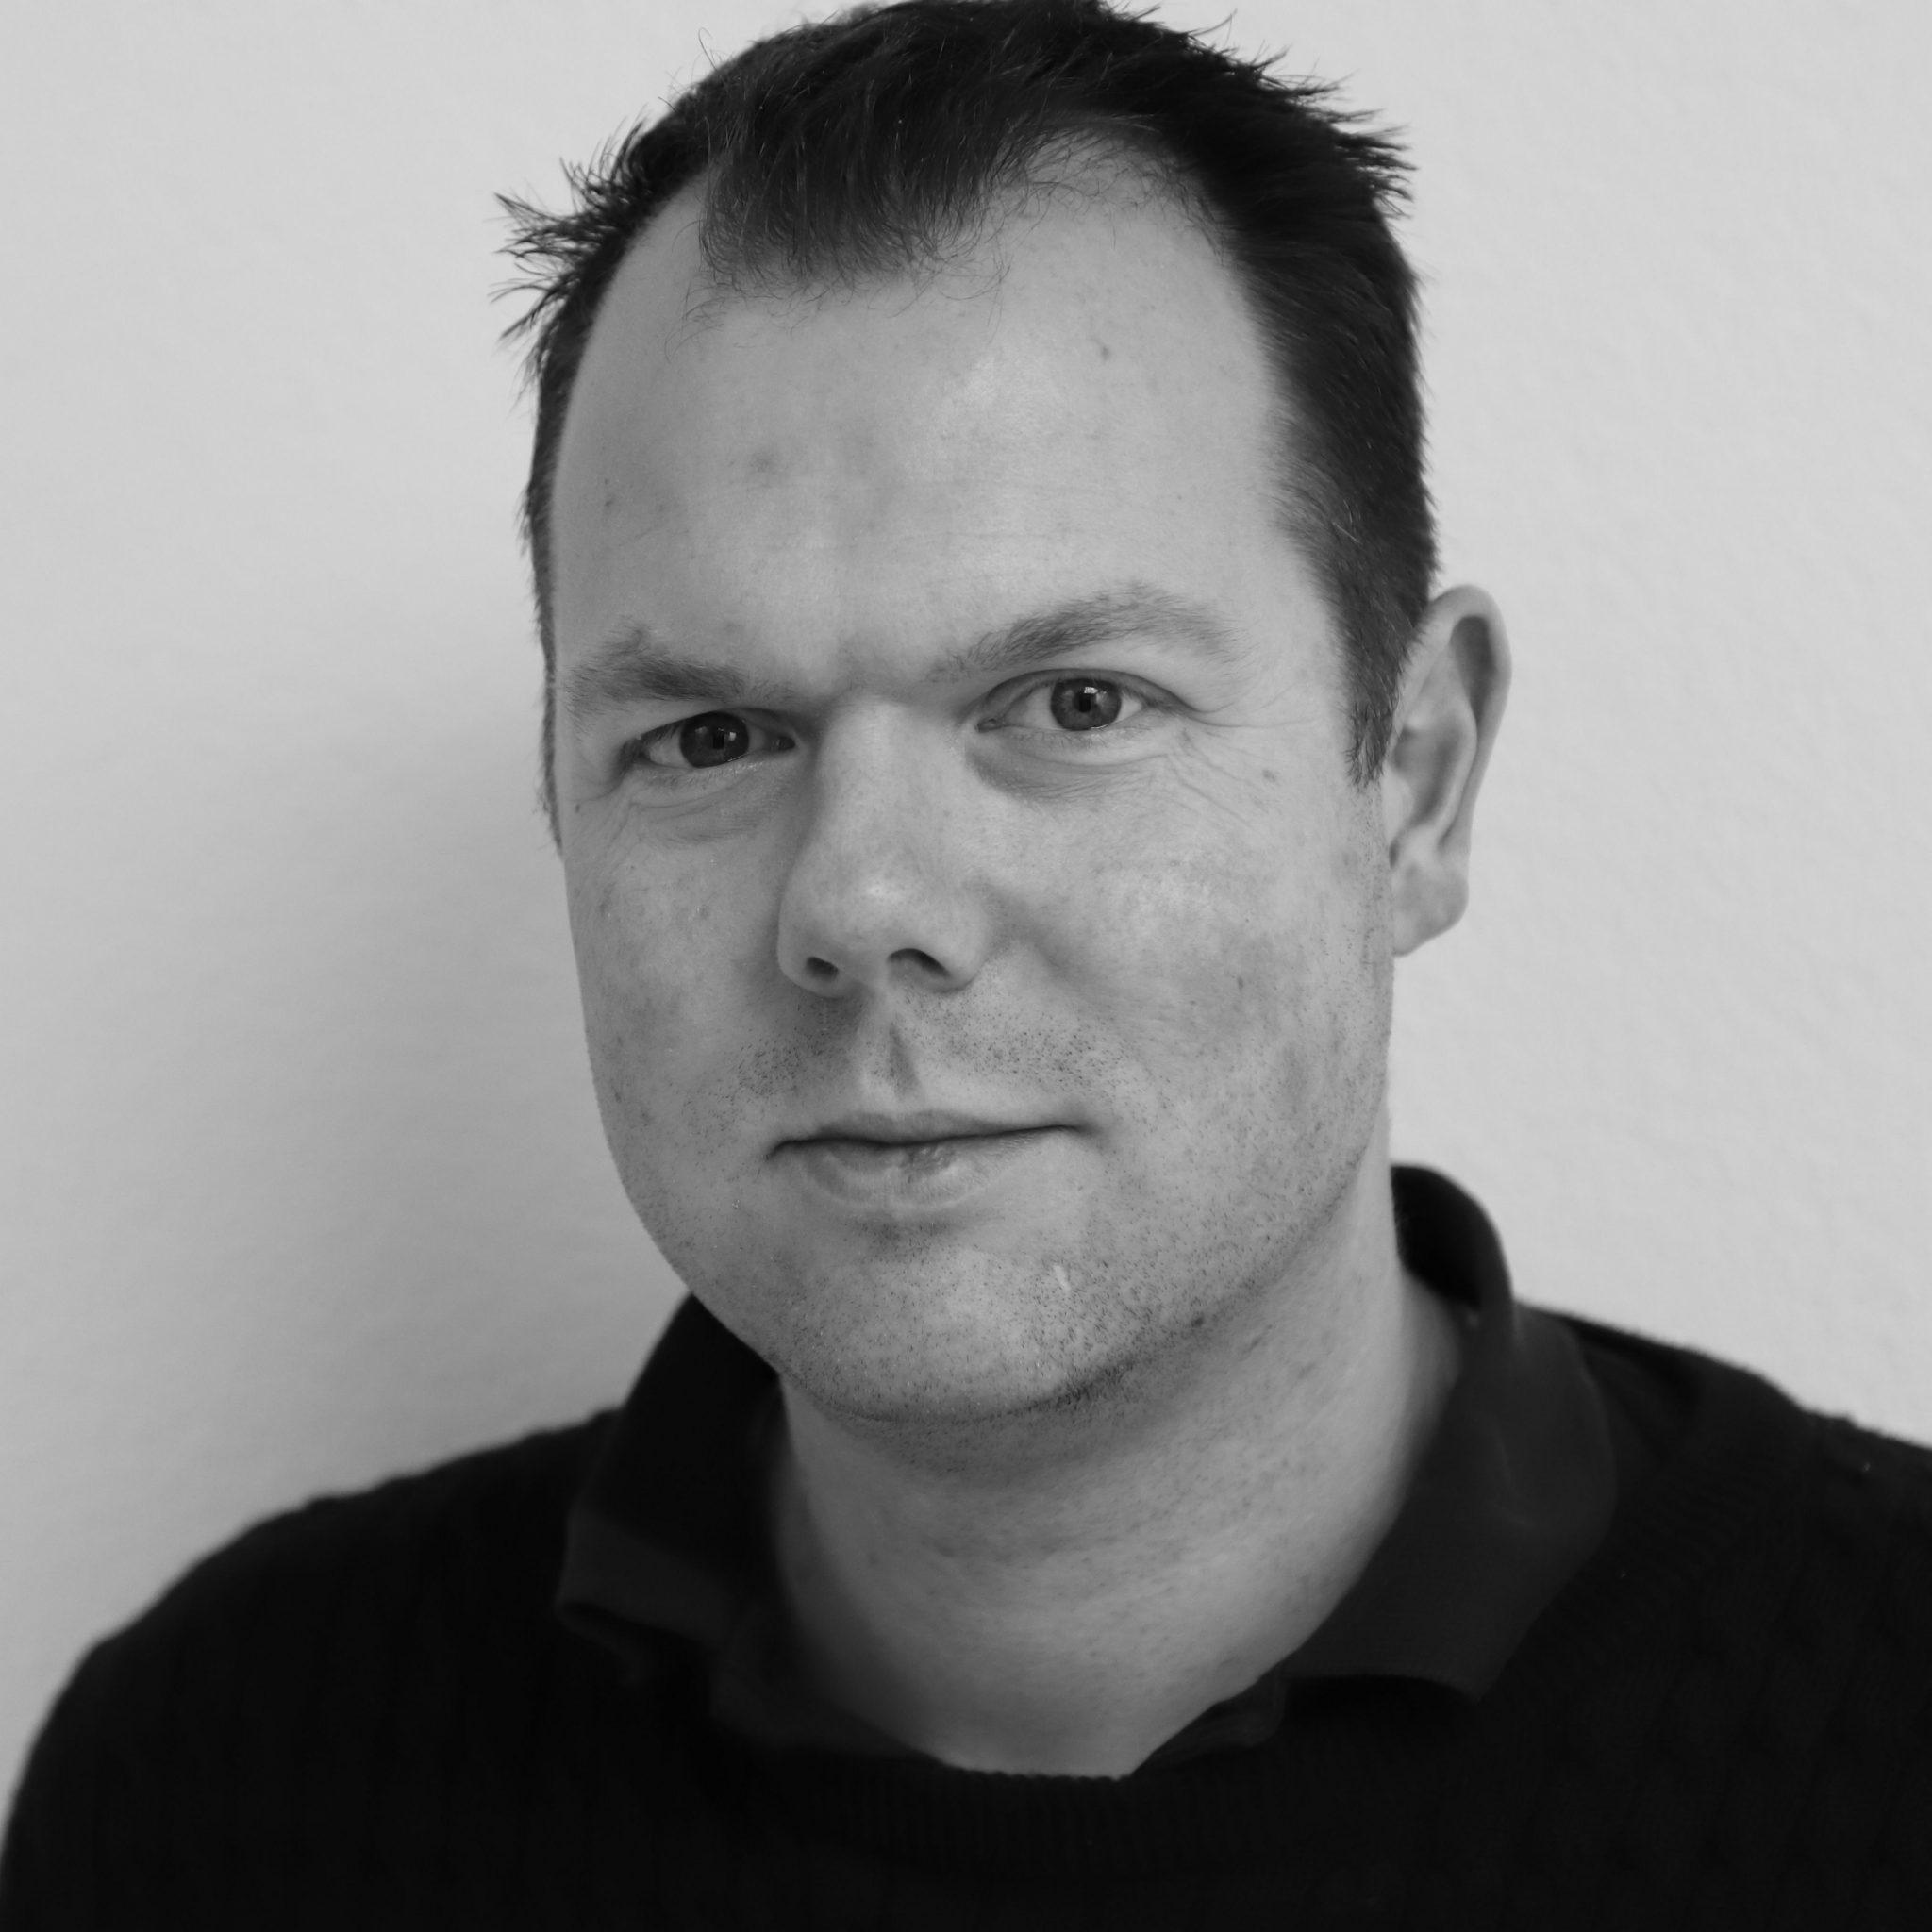 Paul van der Ploeg van Fysiotherapie Haren-west